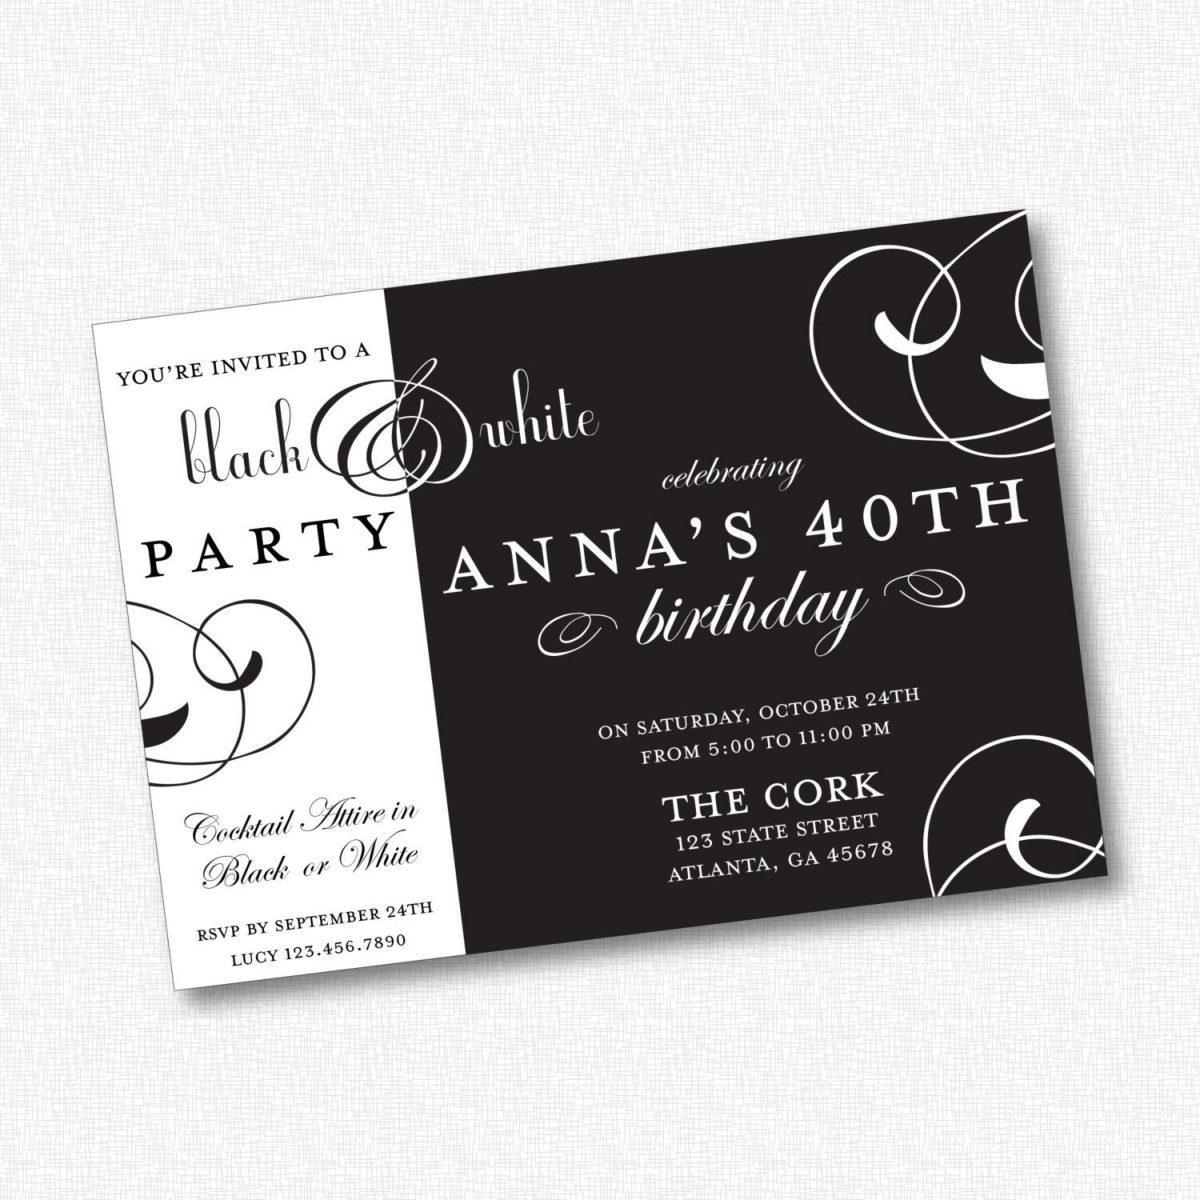 Mẫu thiết kế thiệp mời party đẹp